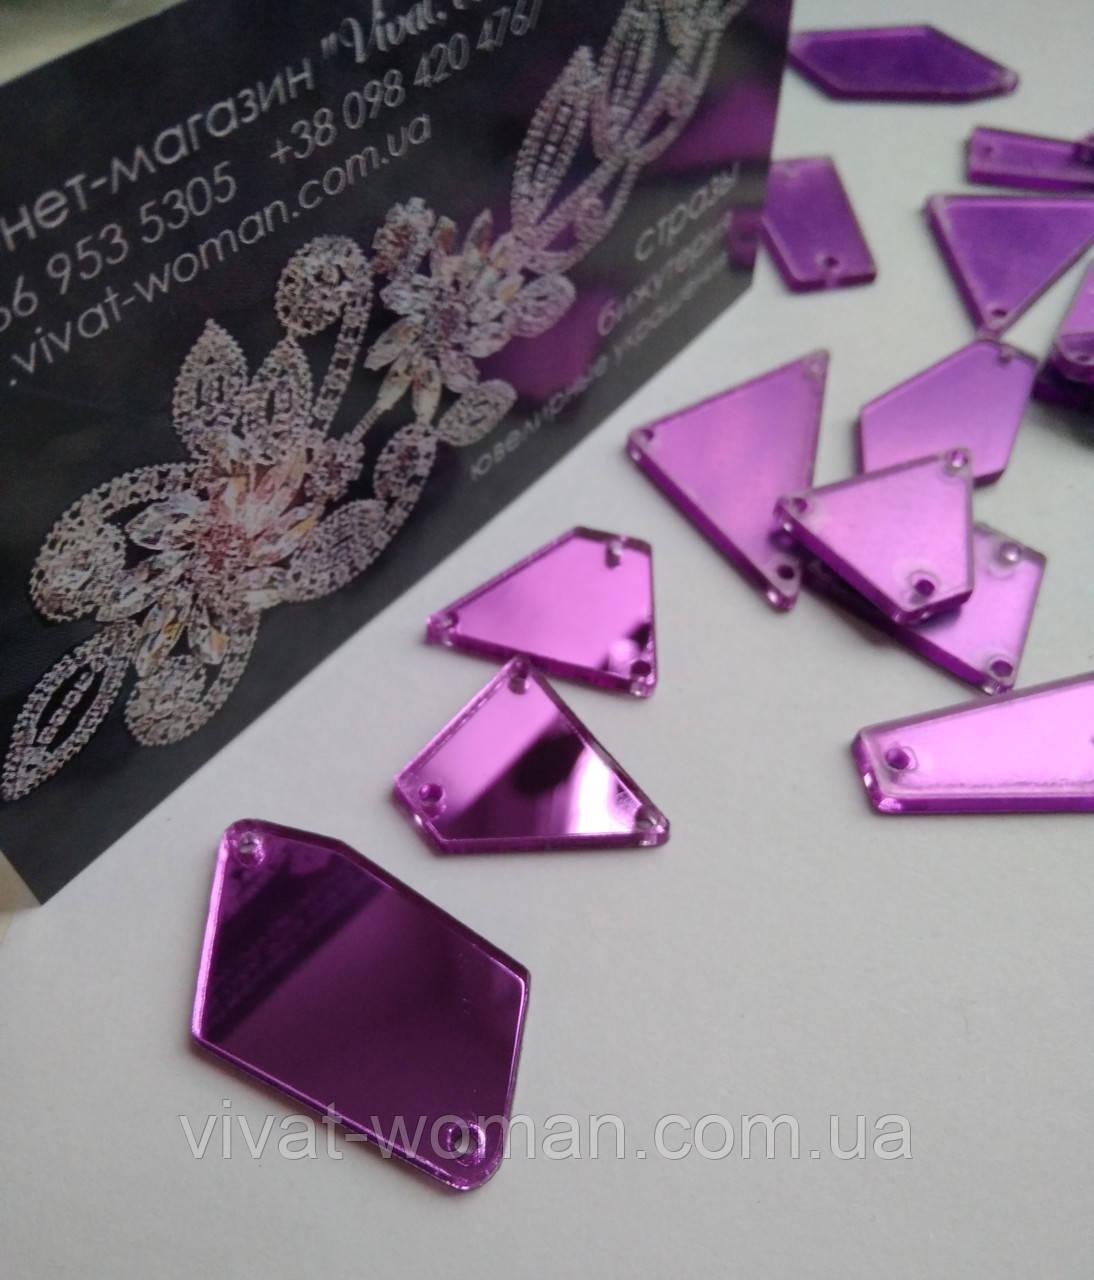 Зеркальные пришивные стразы Purple (сиреневые), микс. 50 штук в уп.